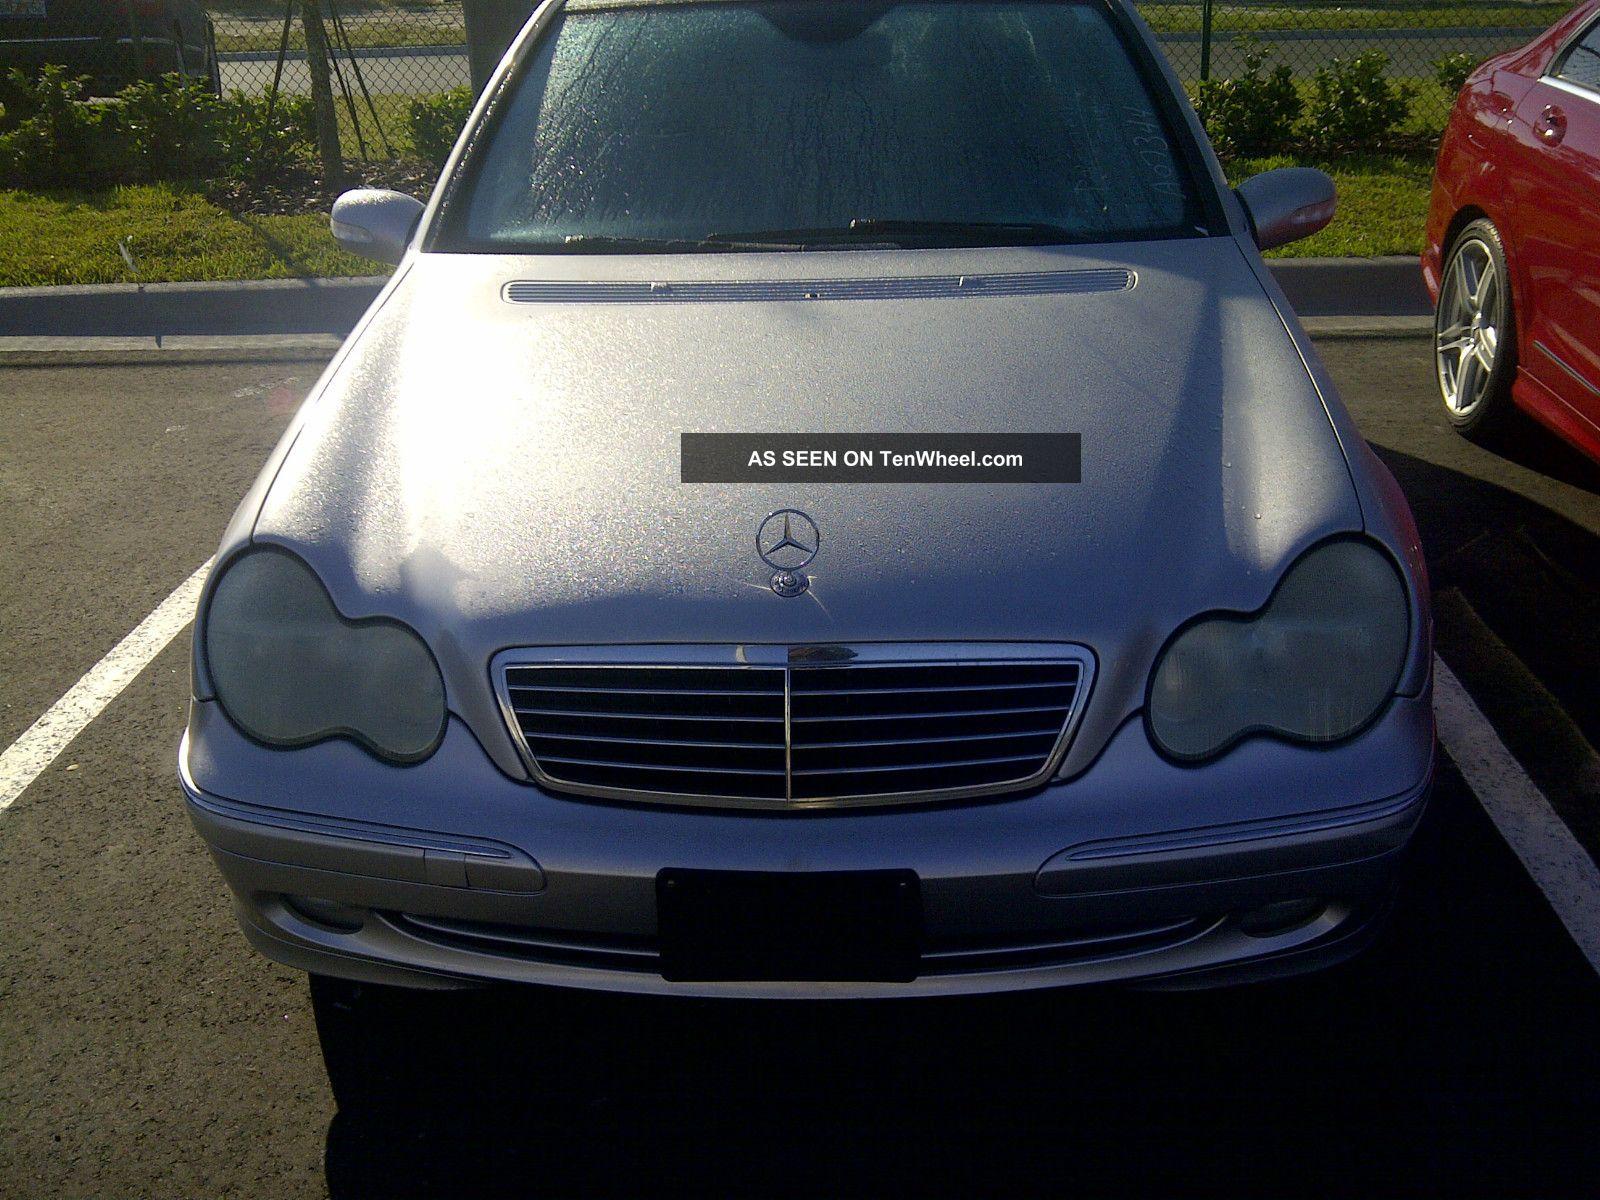 2004 mercedes benz c230 kompressor sedan 4 door 1 8l for Mercedes benz c230 kompressor 2004